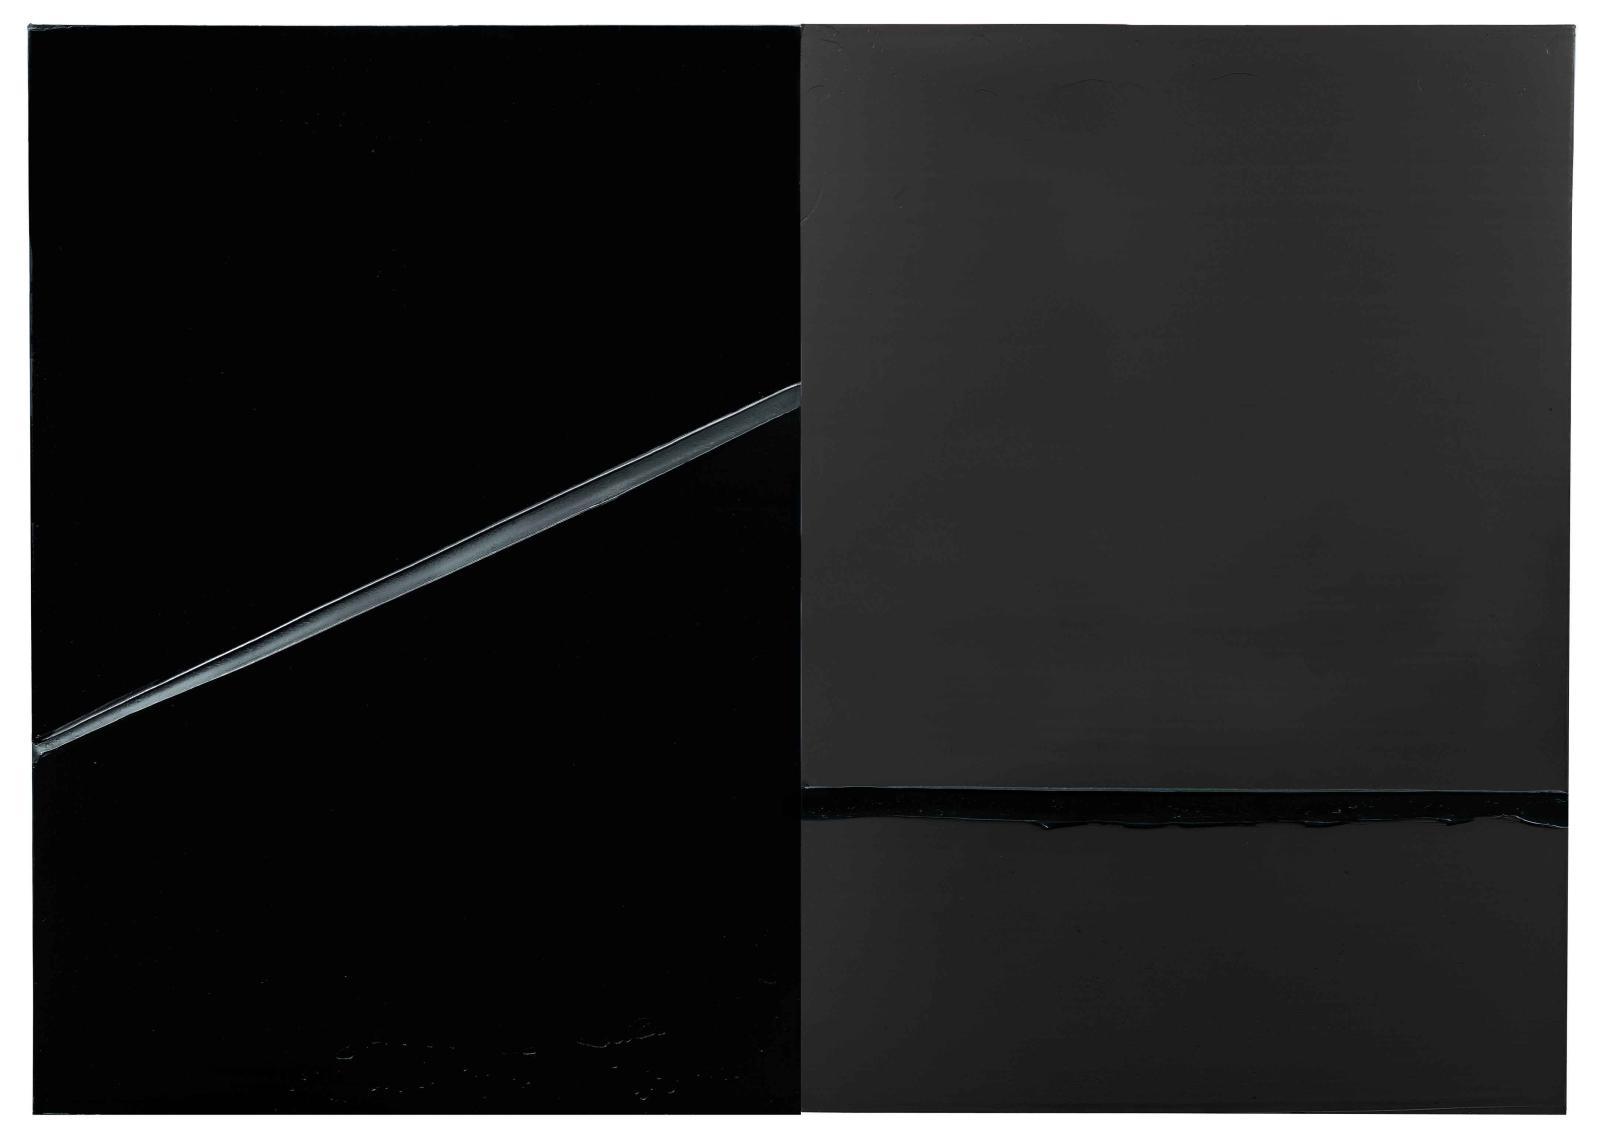 Pierre Soulages, Peinture, 222x314cm, 24février 2008,Paris, Pierre Soulages. © Archives Soulages © ADAGP, Paris 2019